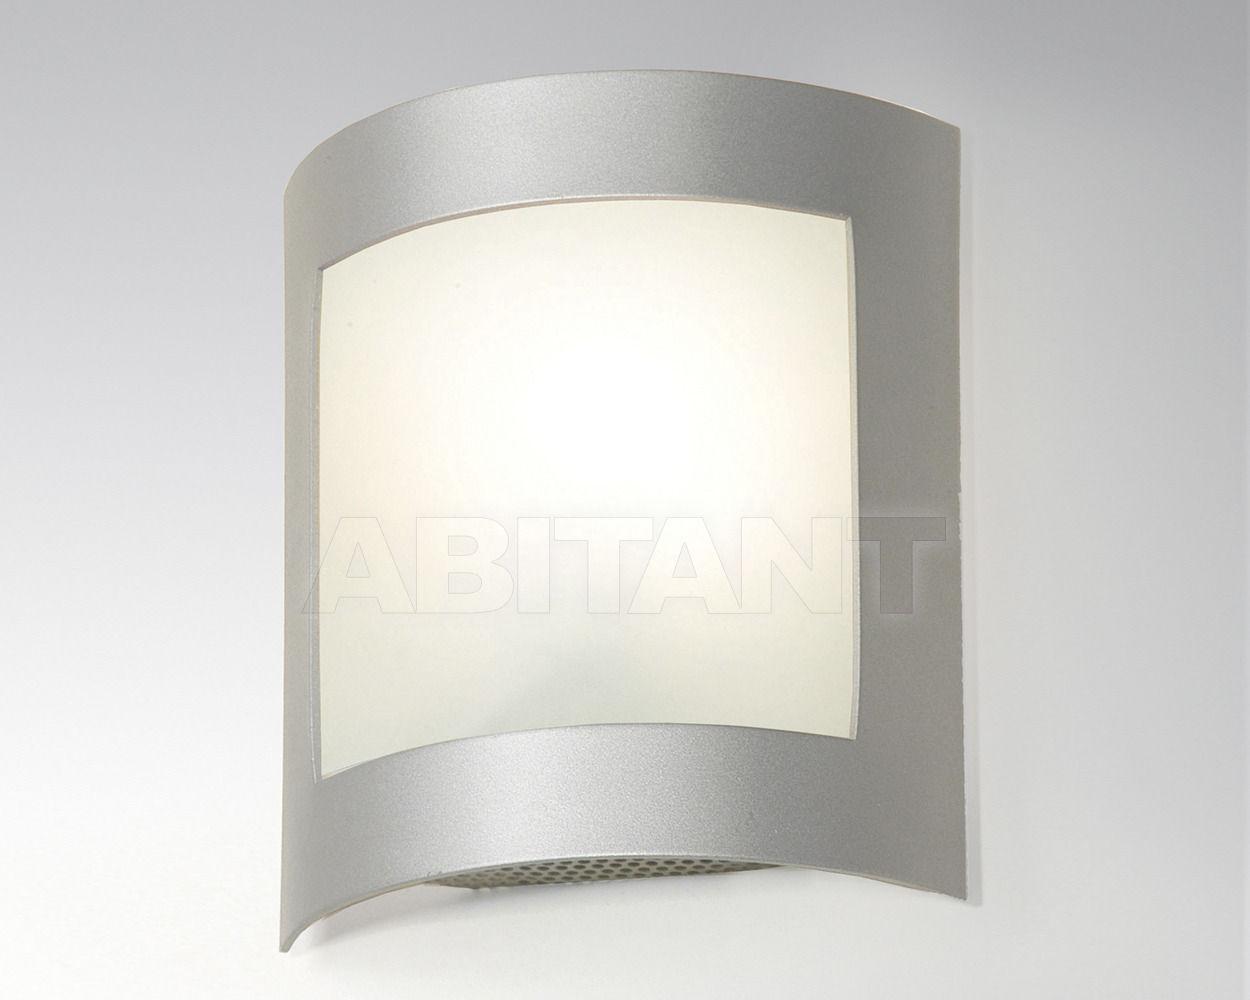 Купить Бра Linea Verdace 2012 LV 32021/A